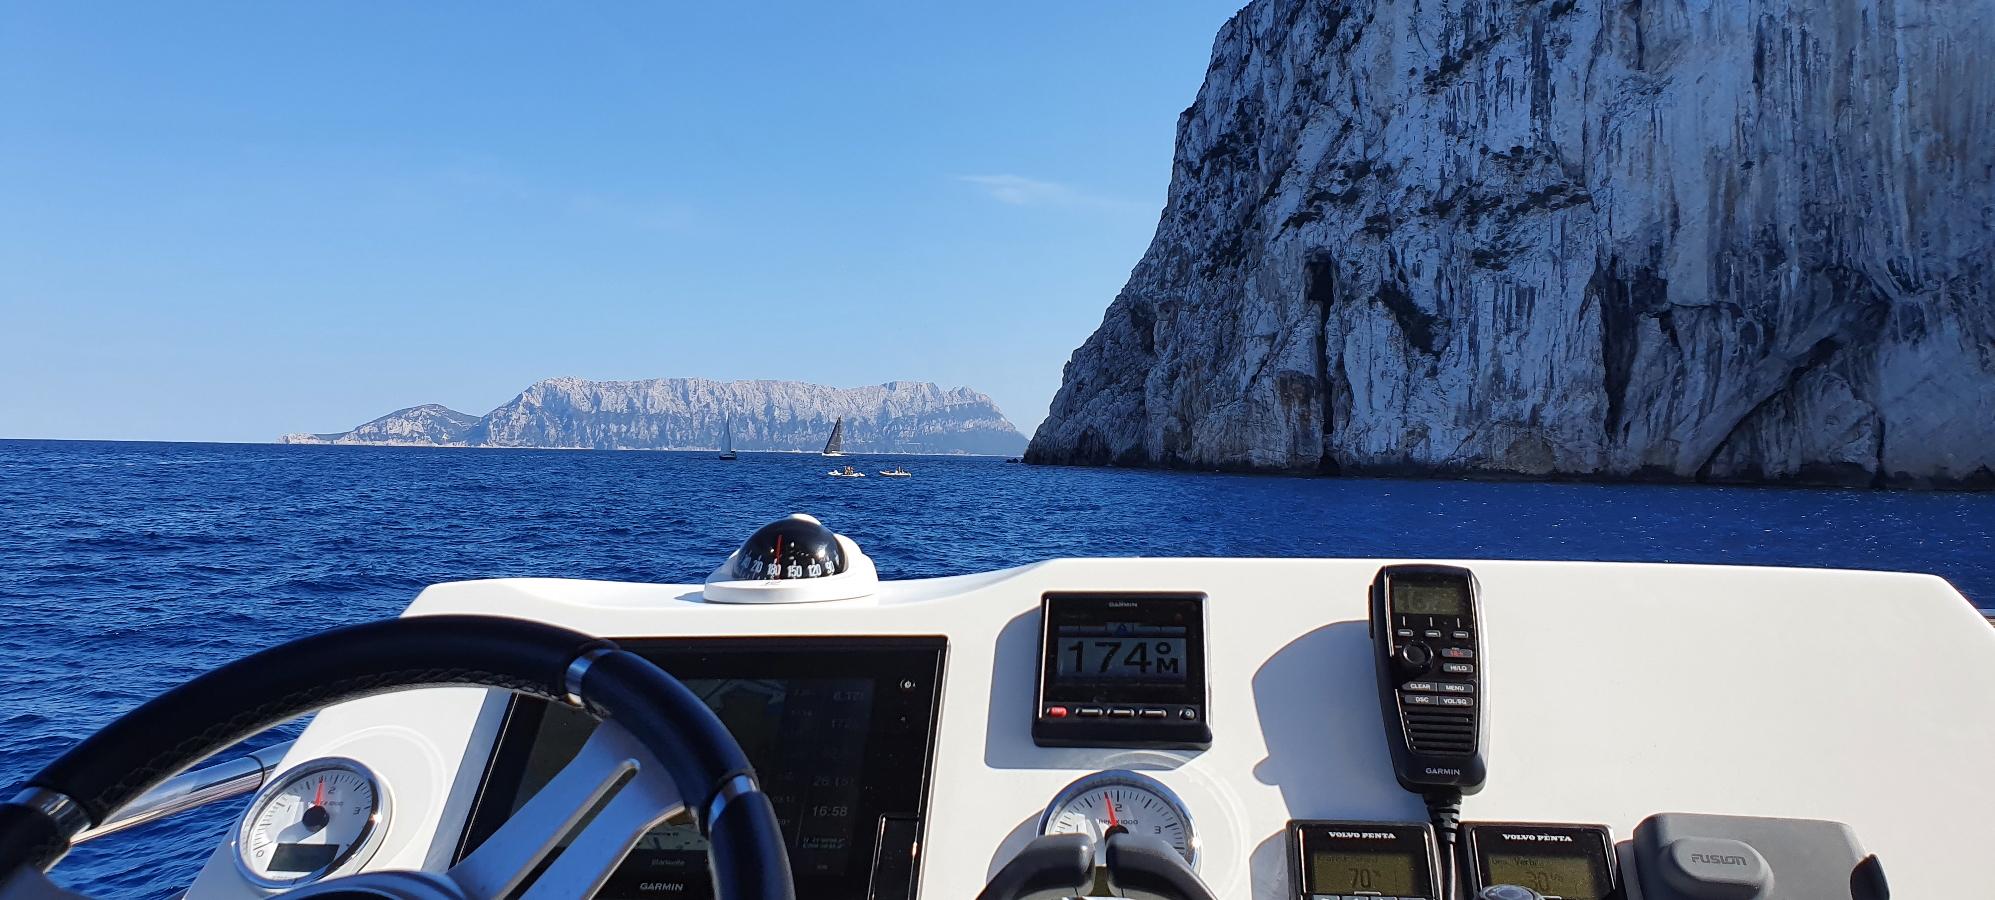 Motoryachttörns rund um Sardinien - my NAIMA